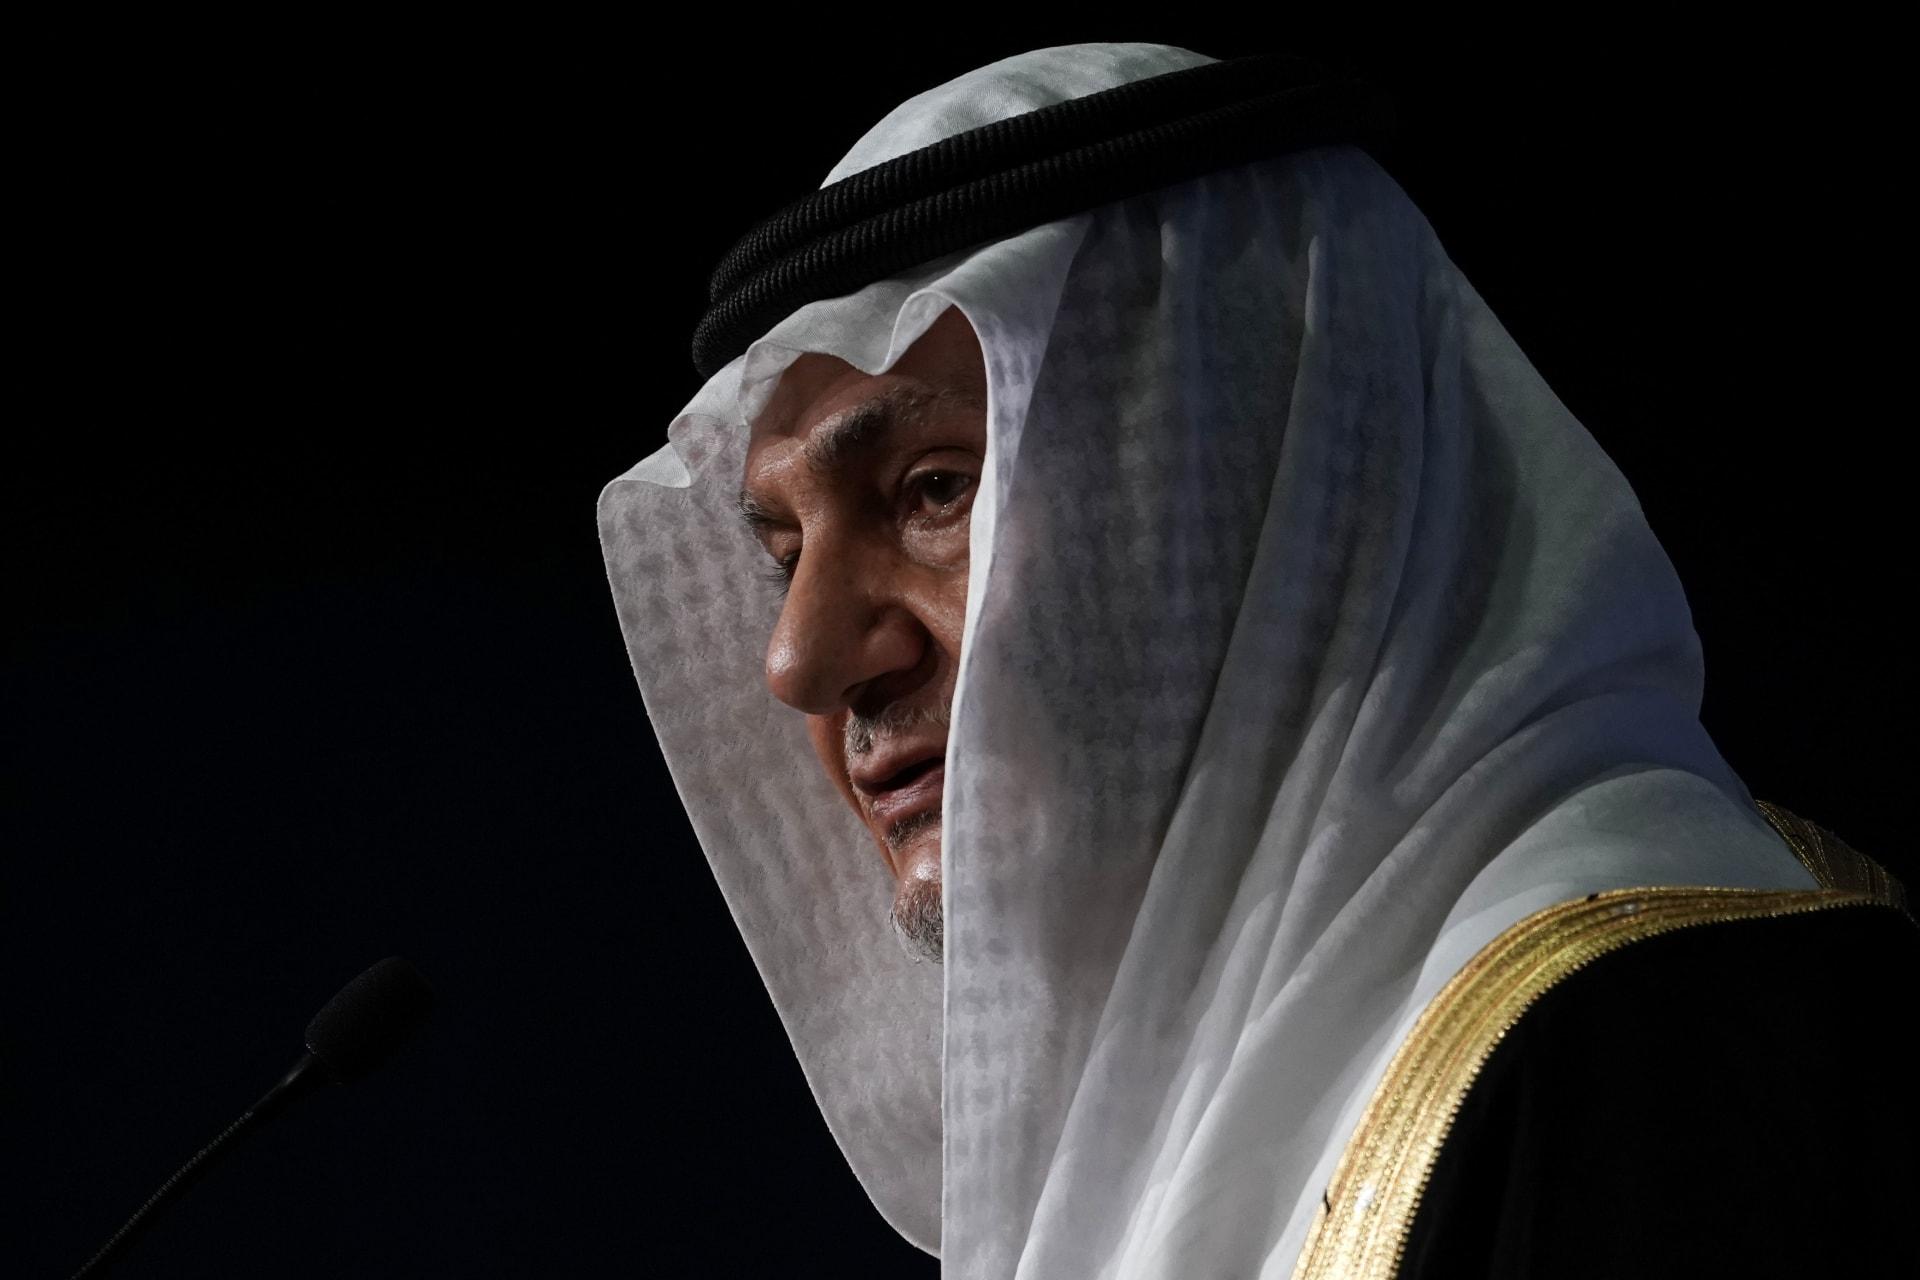 تركي الفيصل يشكك في تقييم CIA لمقتل خاشقجي: يجب محاكمتها